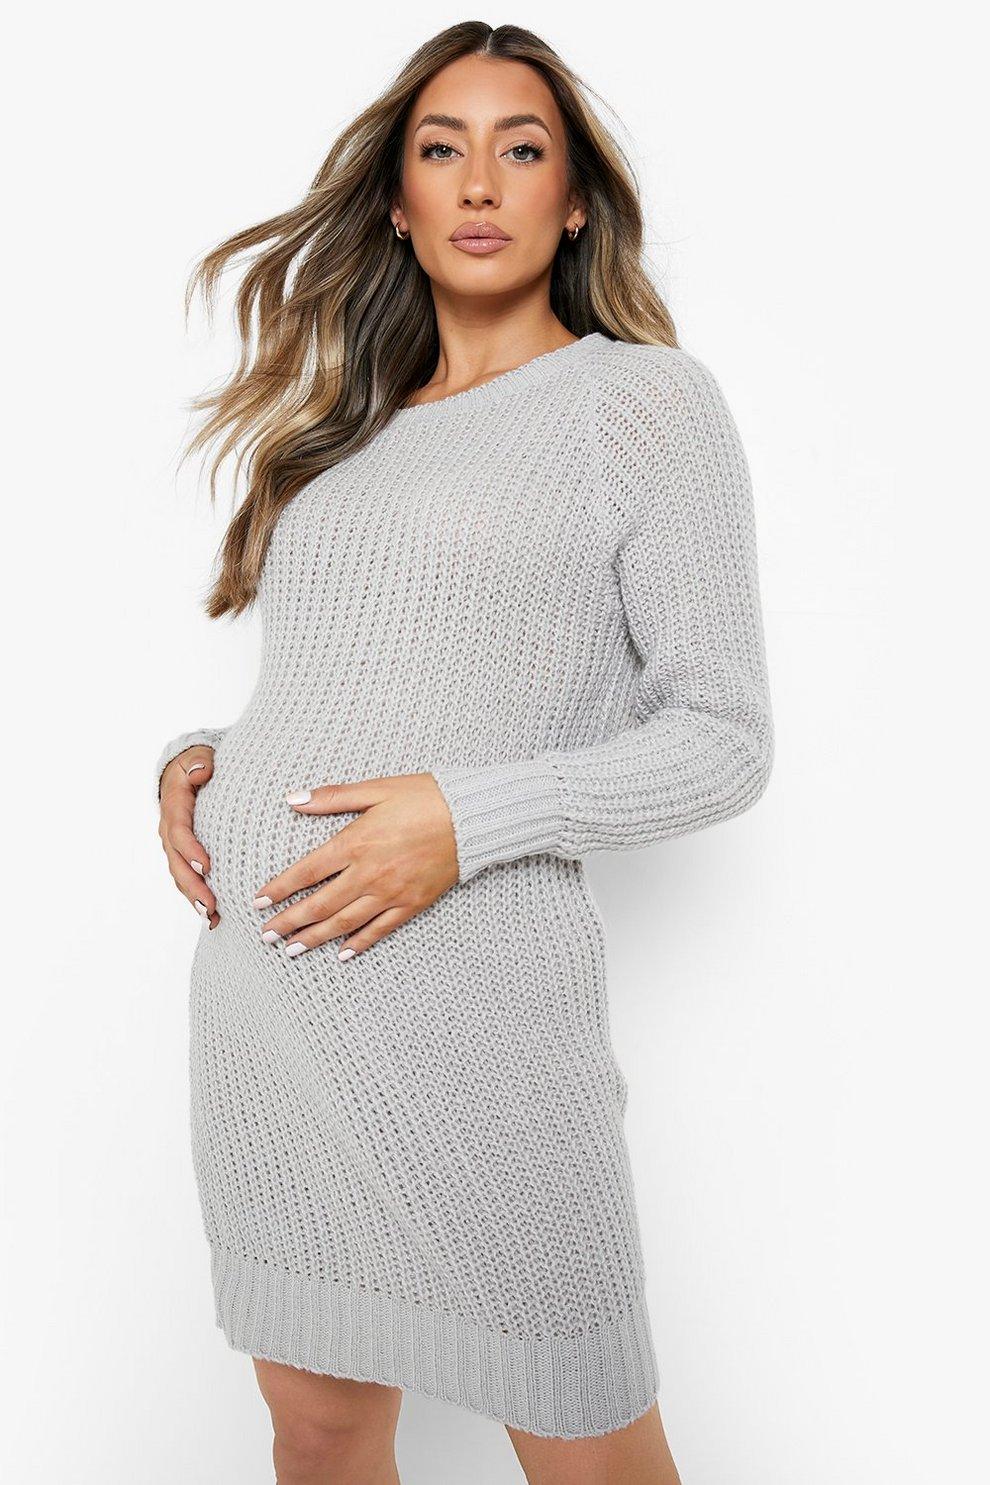 77660111f79 Maternity Soft Knit Jumper Dress